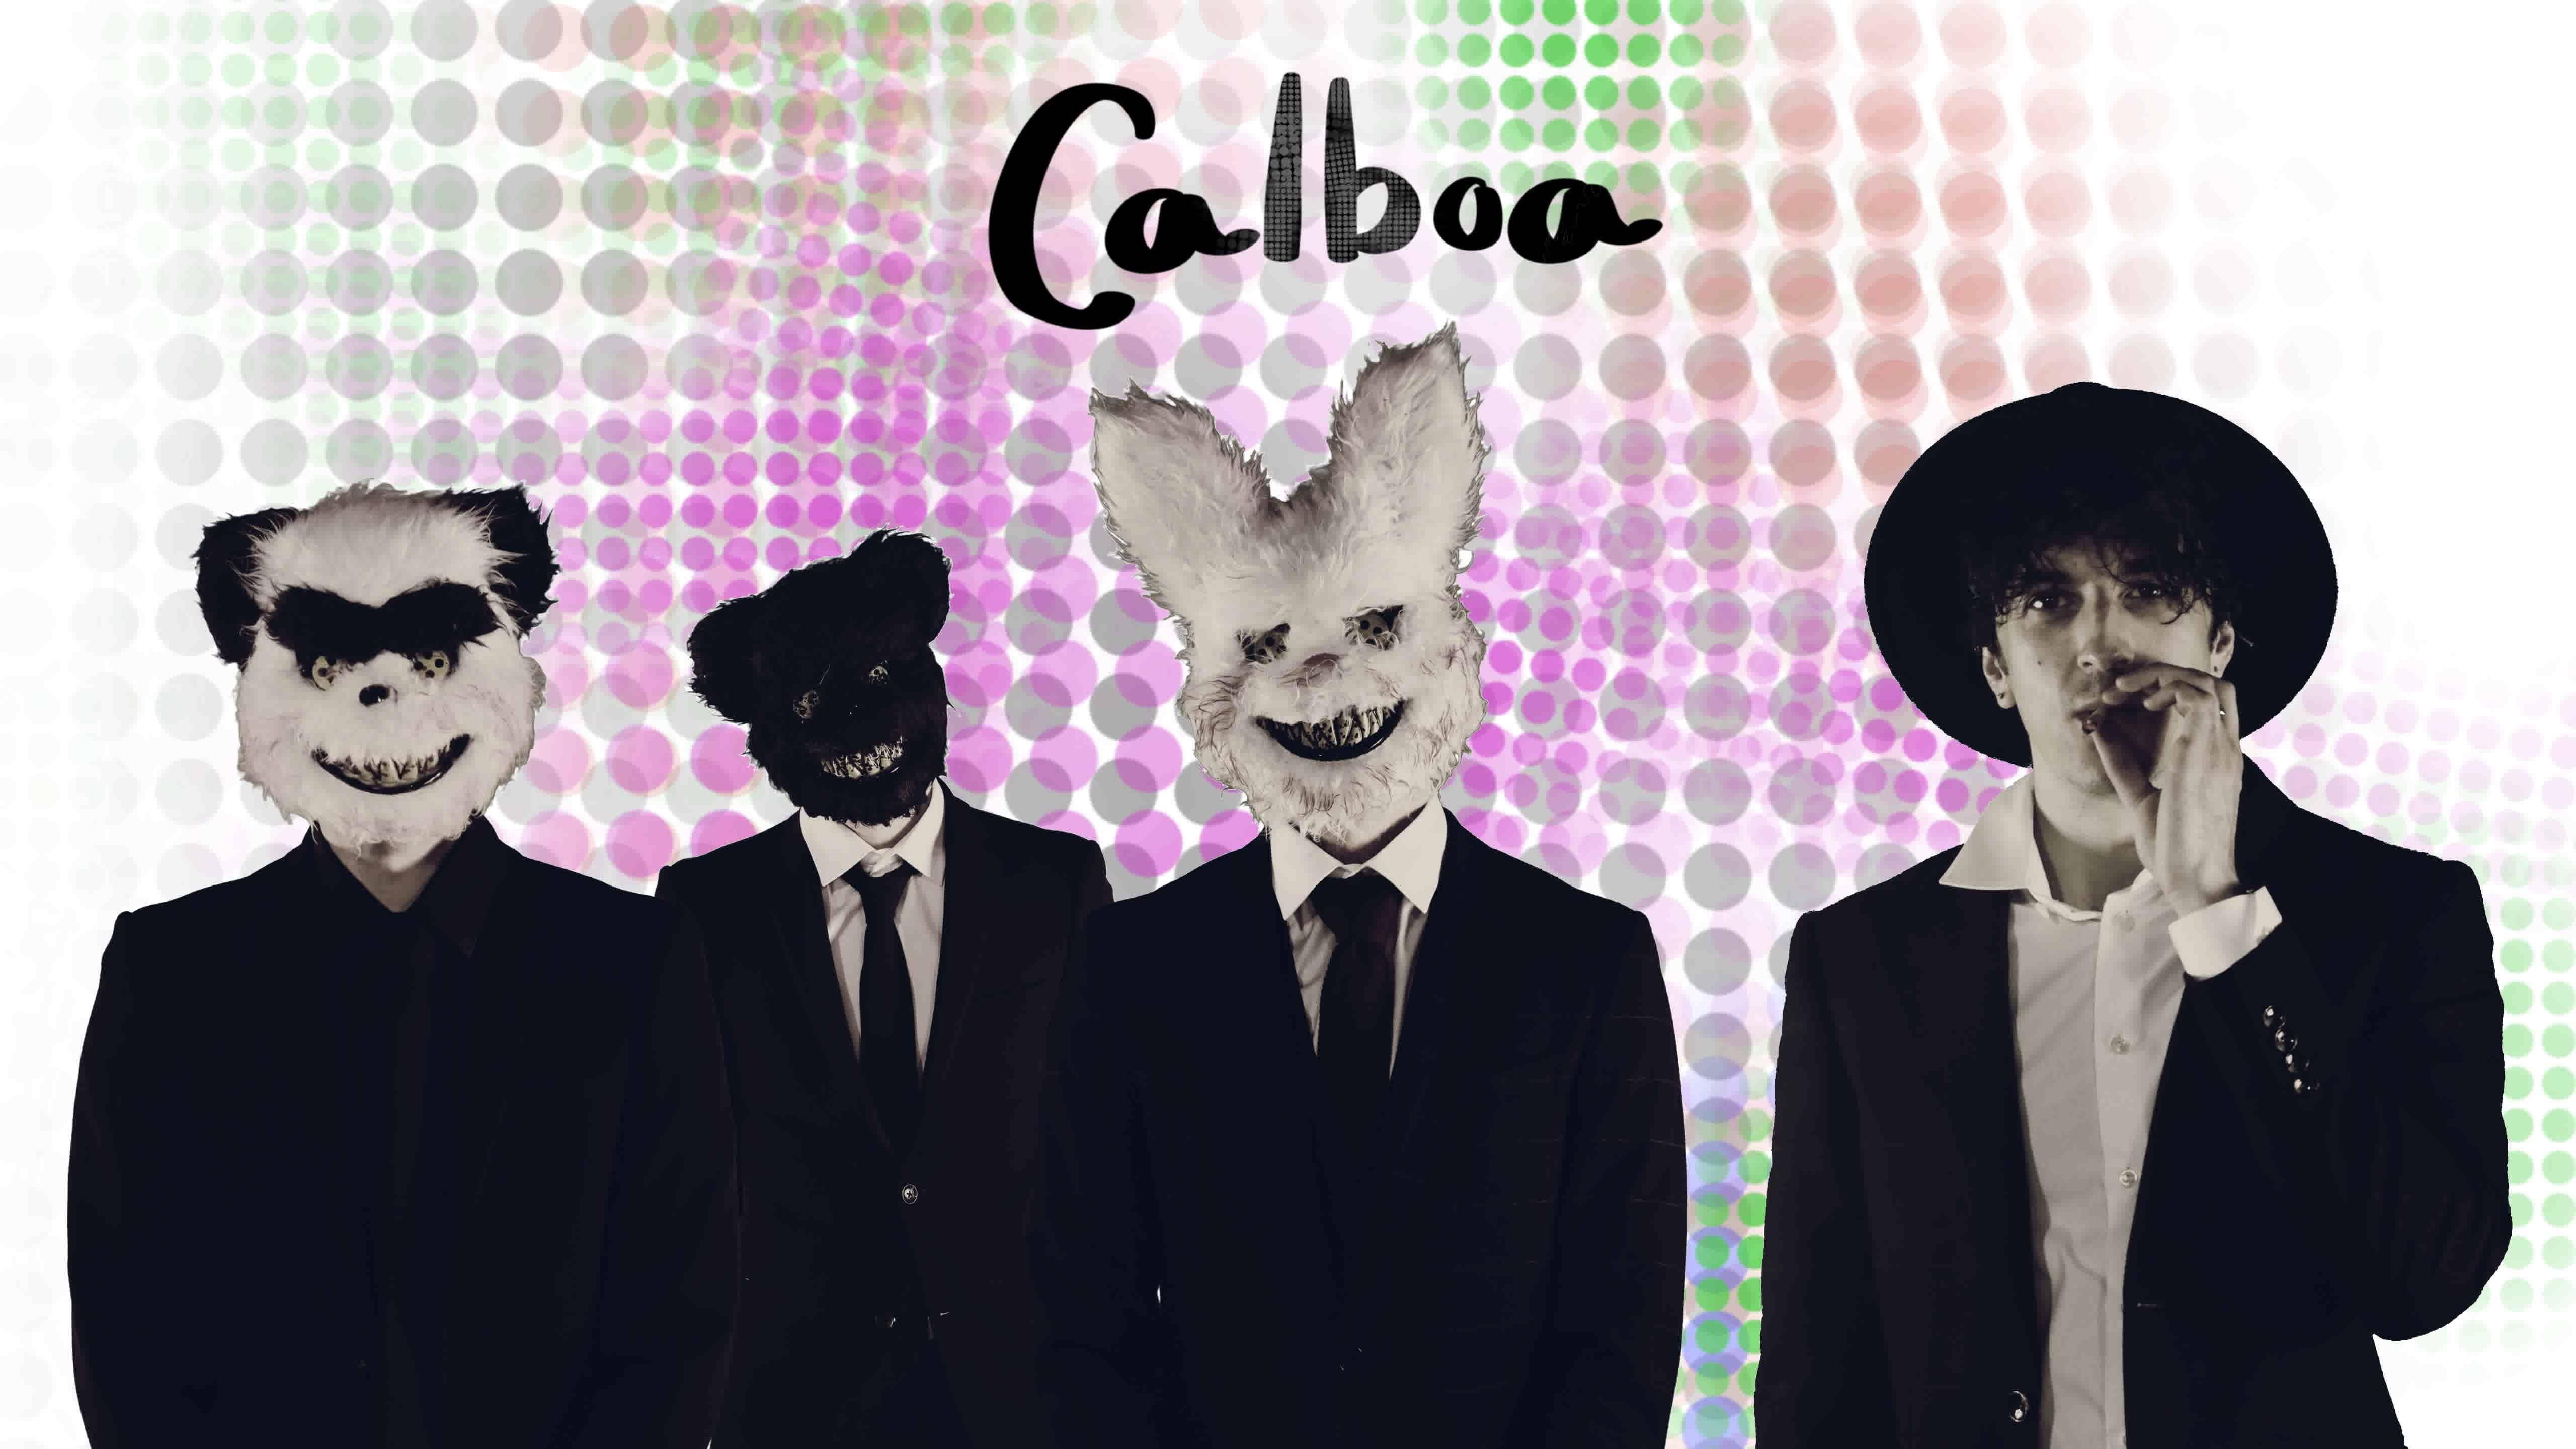 Calboa